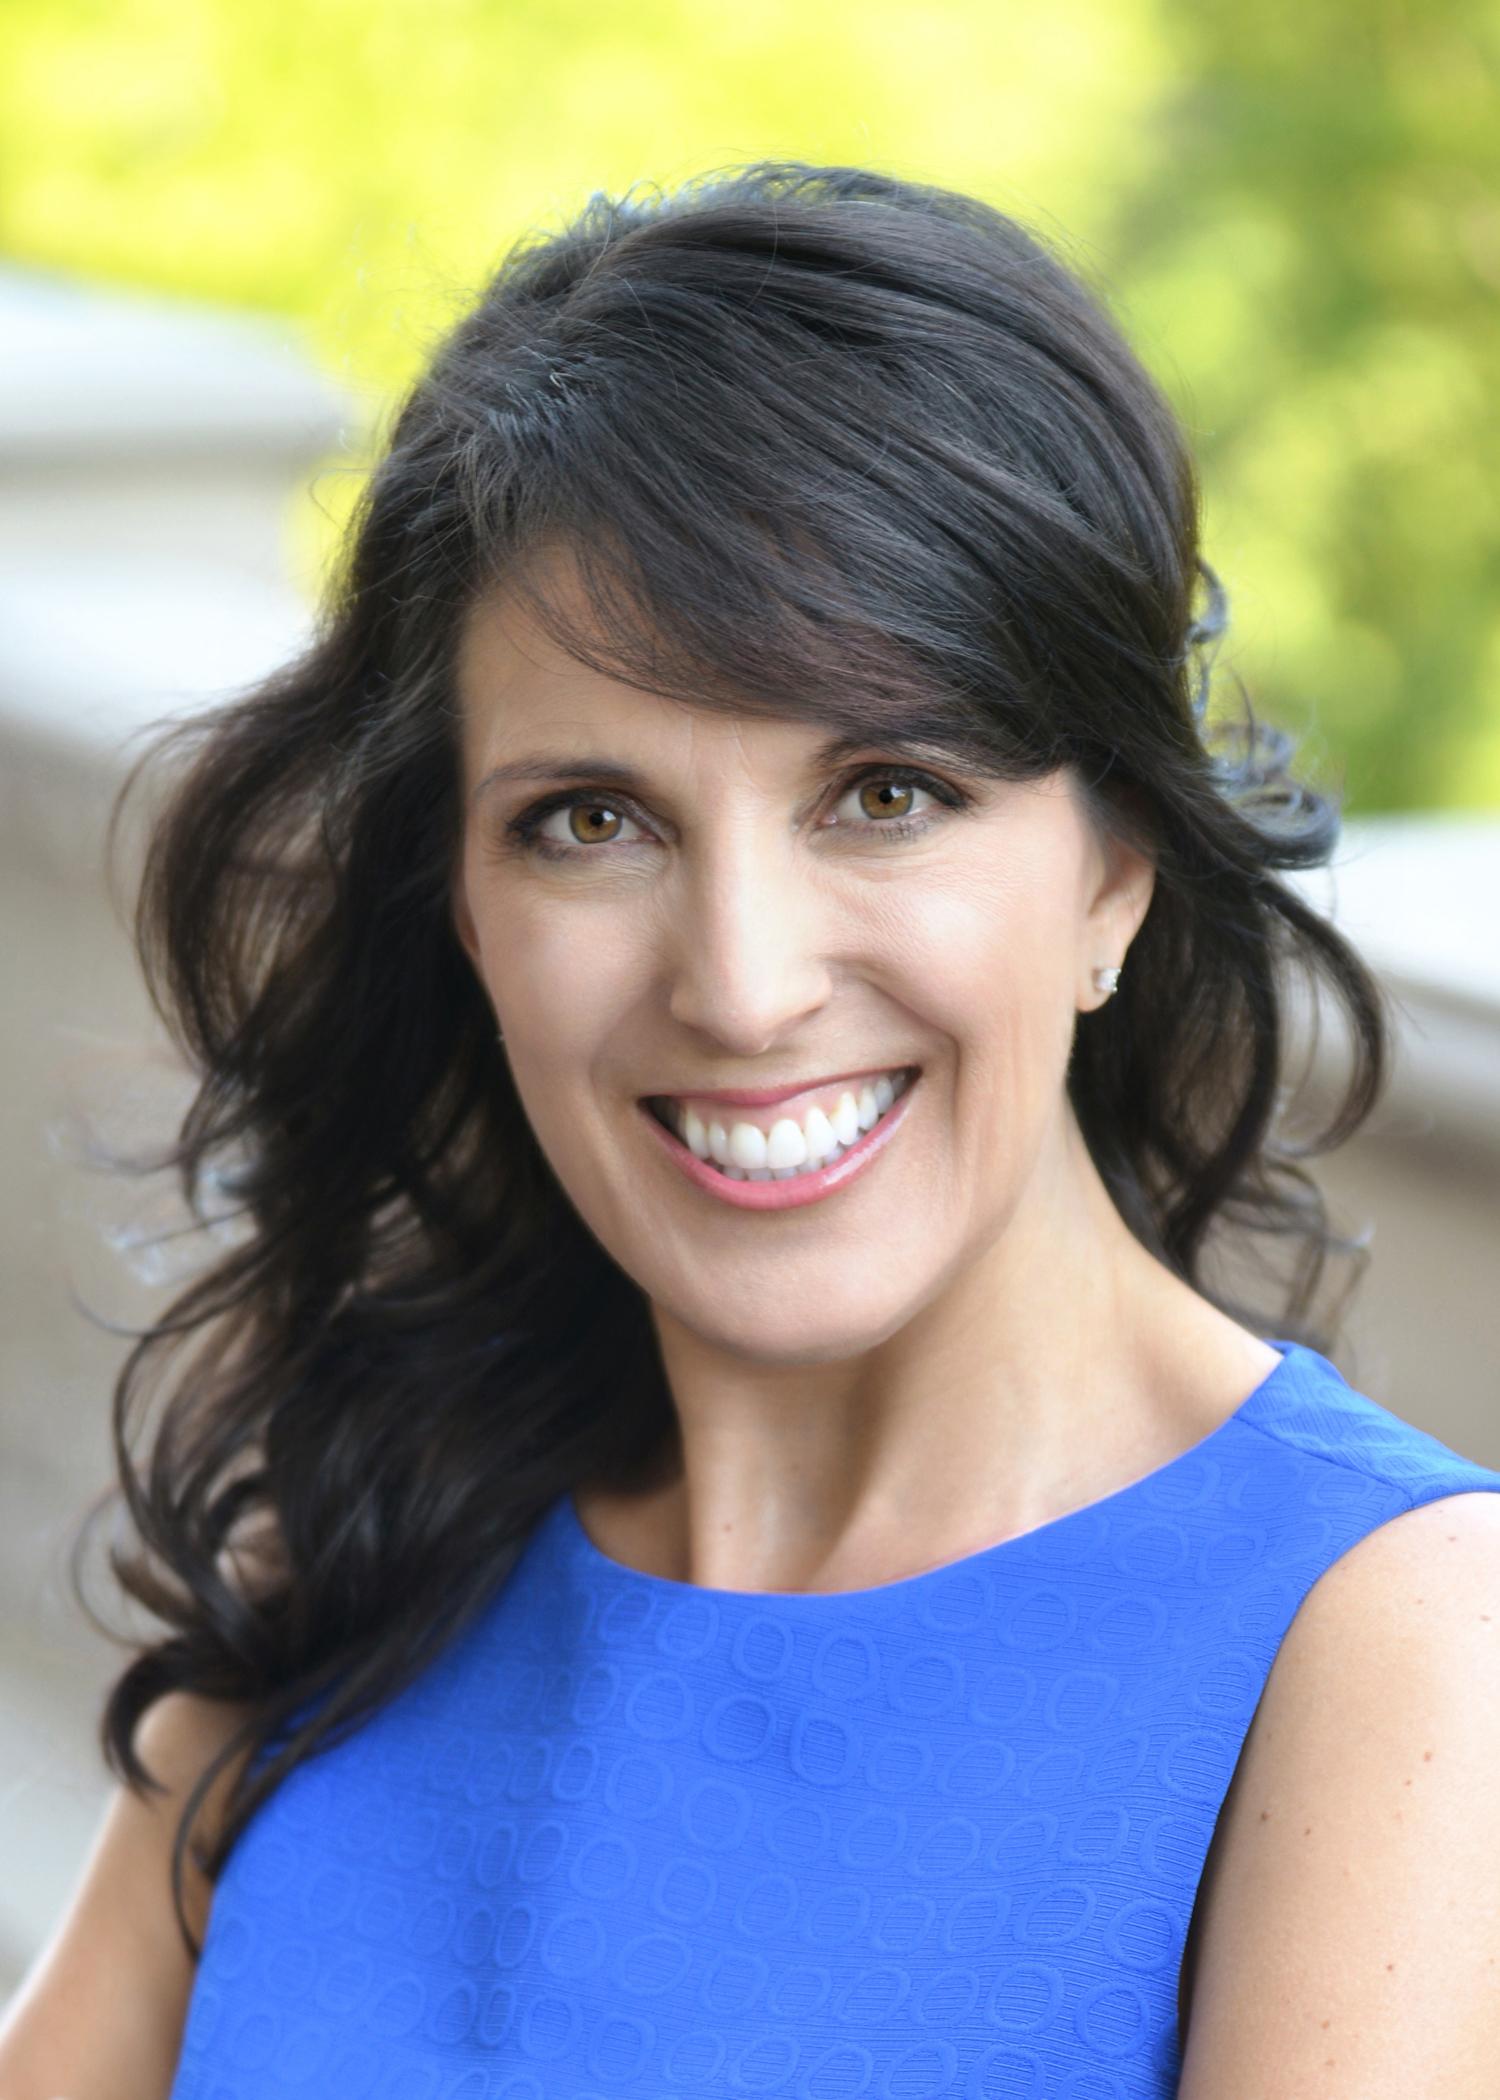 Zana Dillard